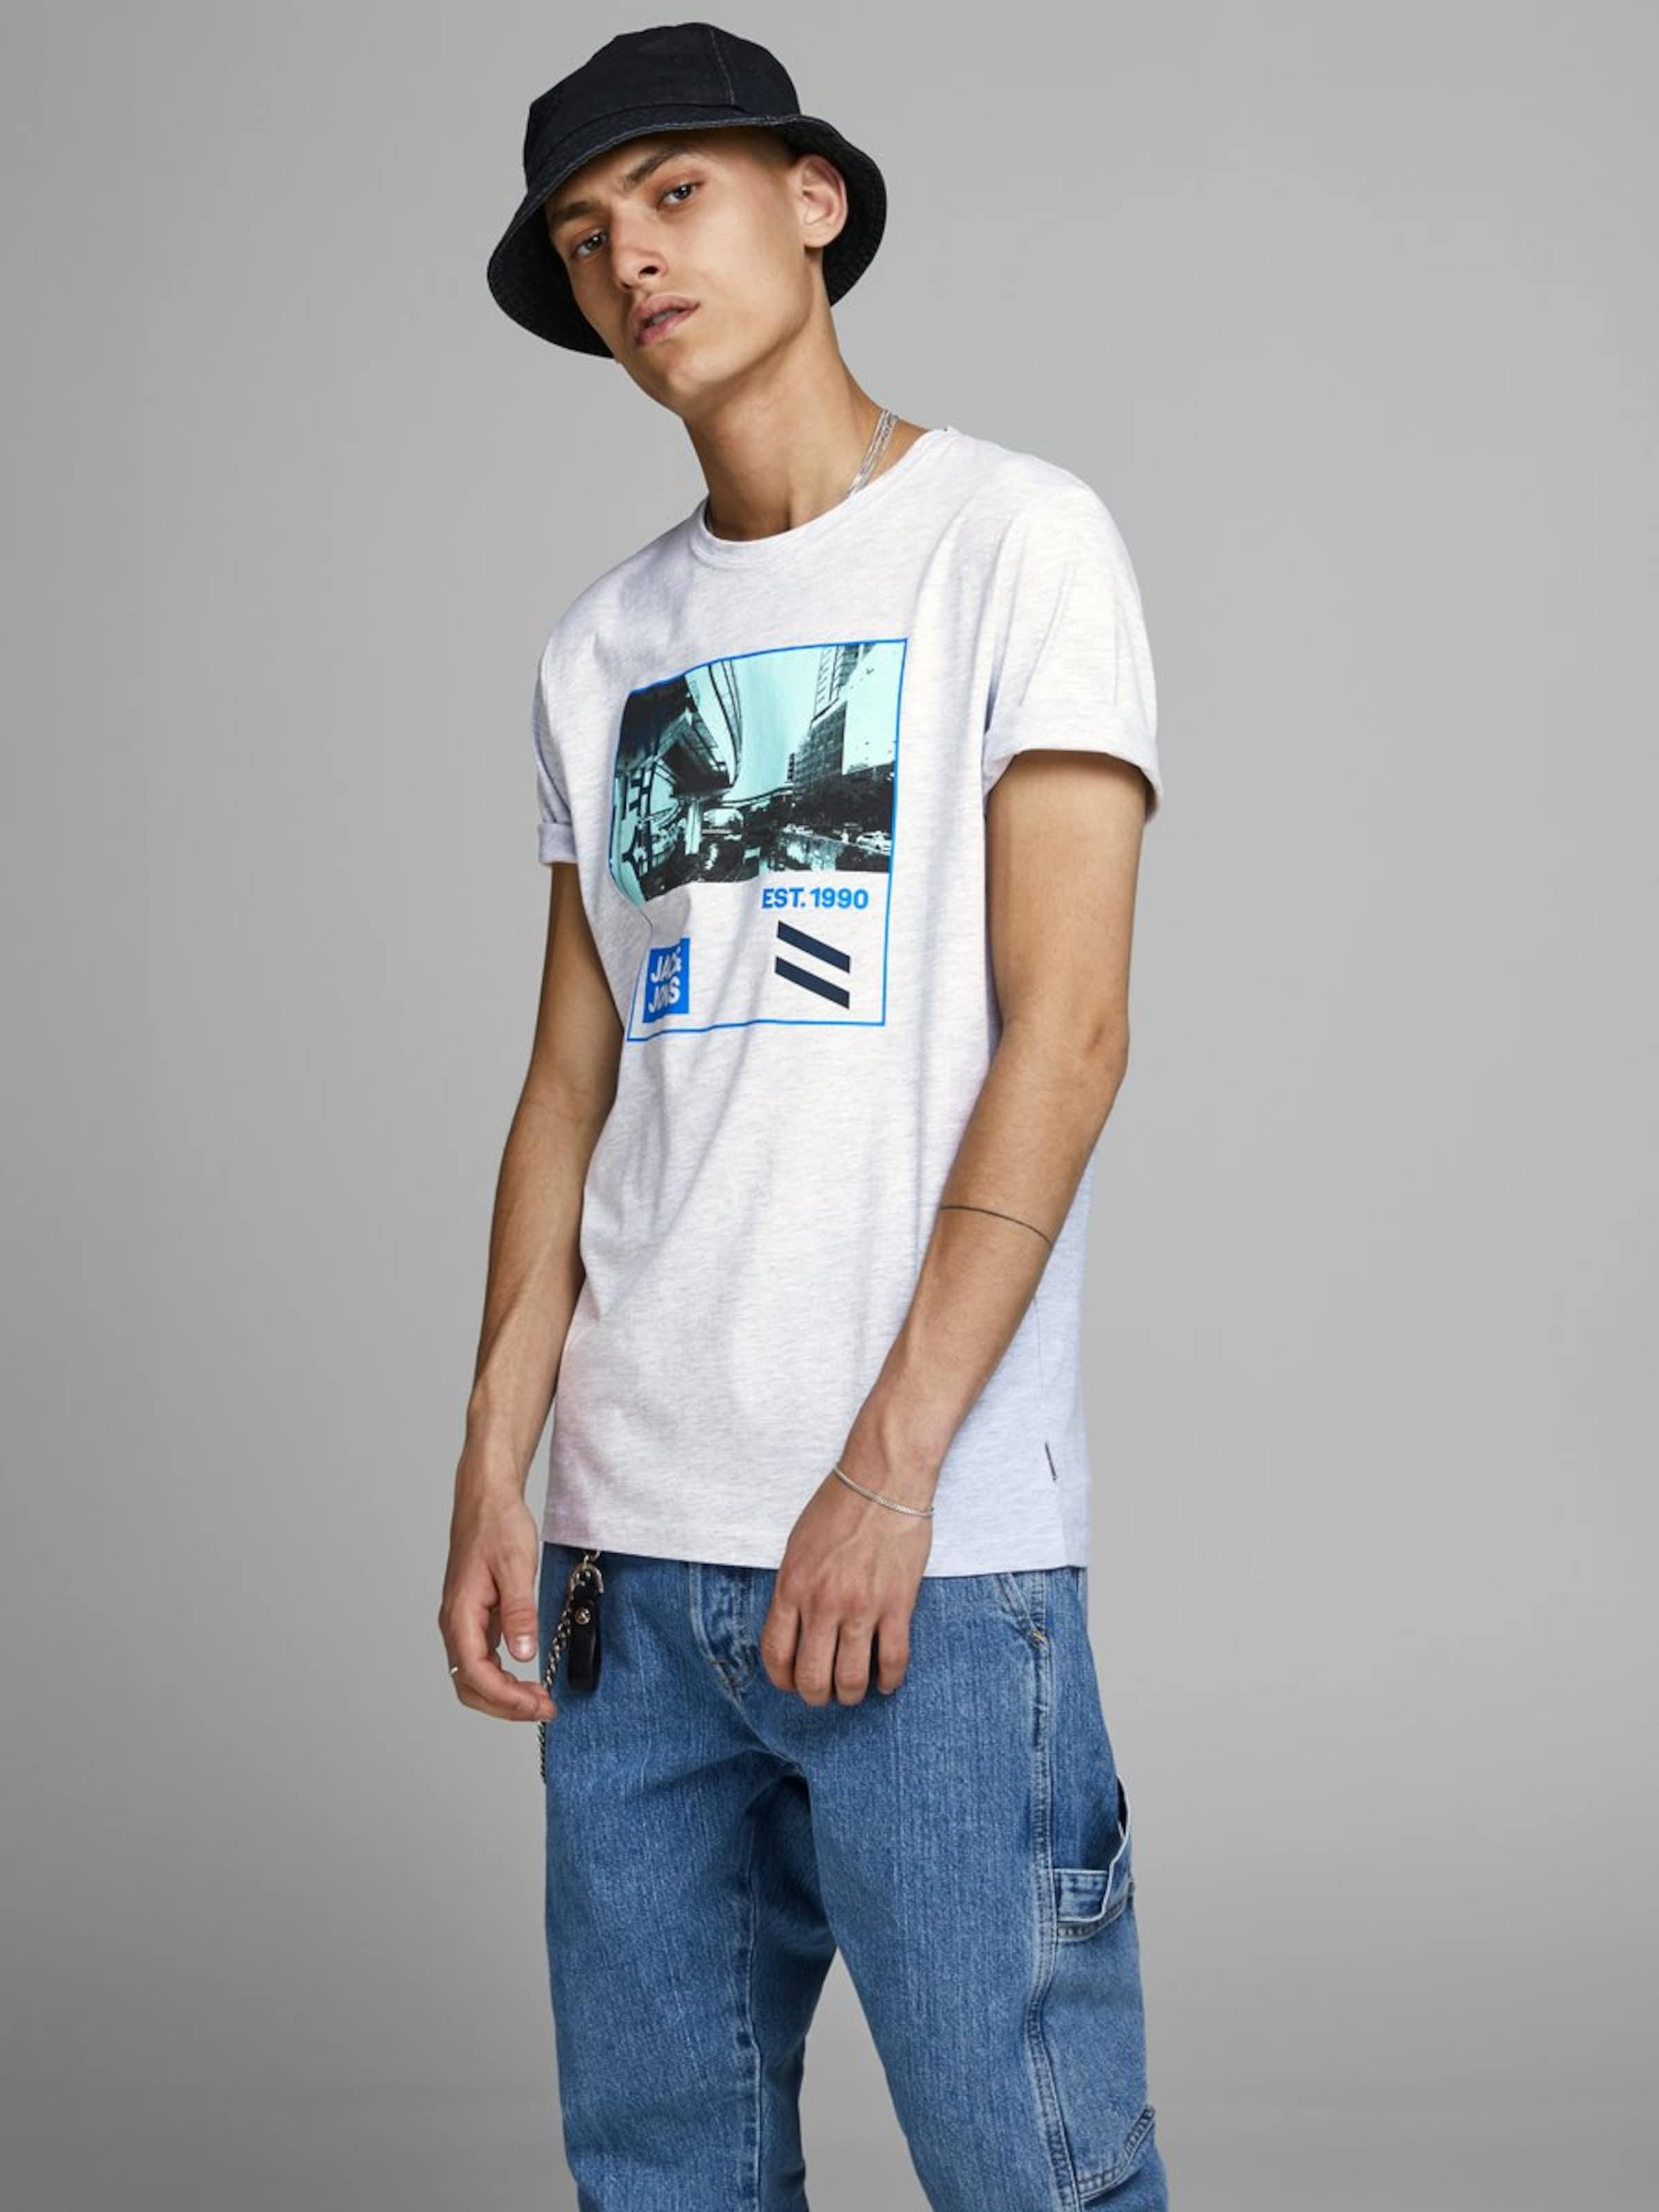 Jackamp; Chiné Jones shirt En Mélange T De CouleursBlanc zMVSUpqG